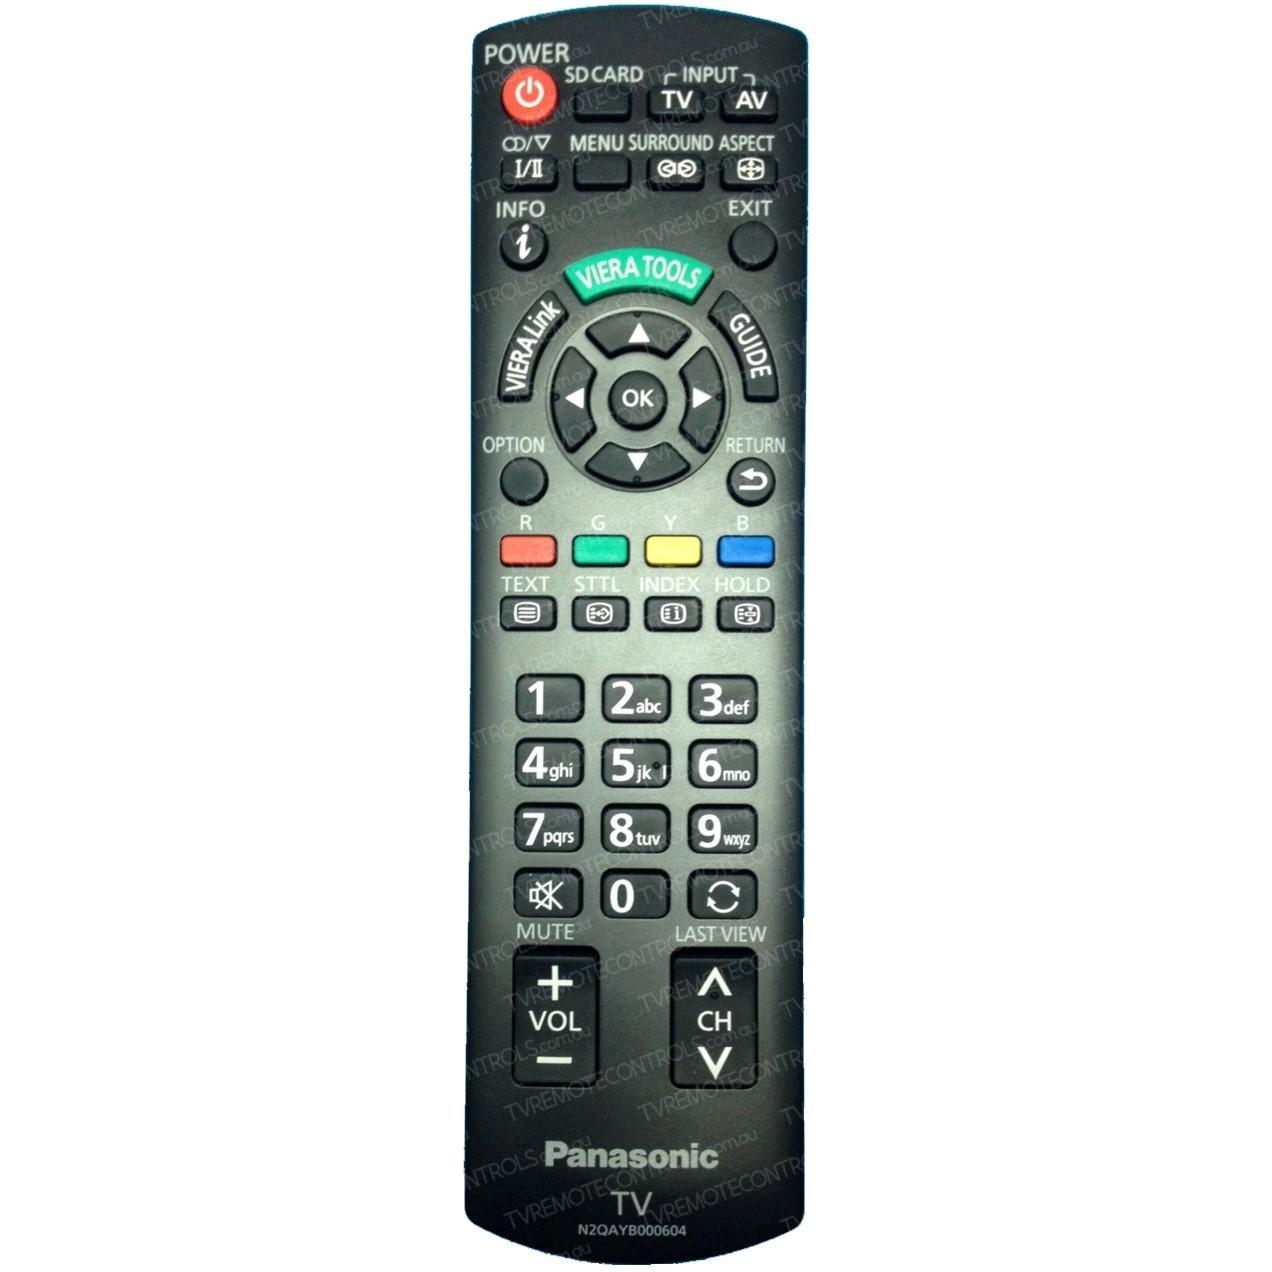 PANASONIC N2QAYB000604 TV Remote Control